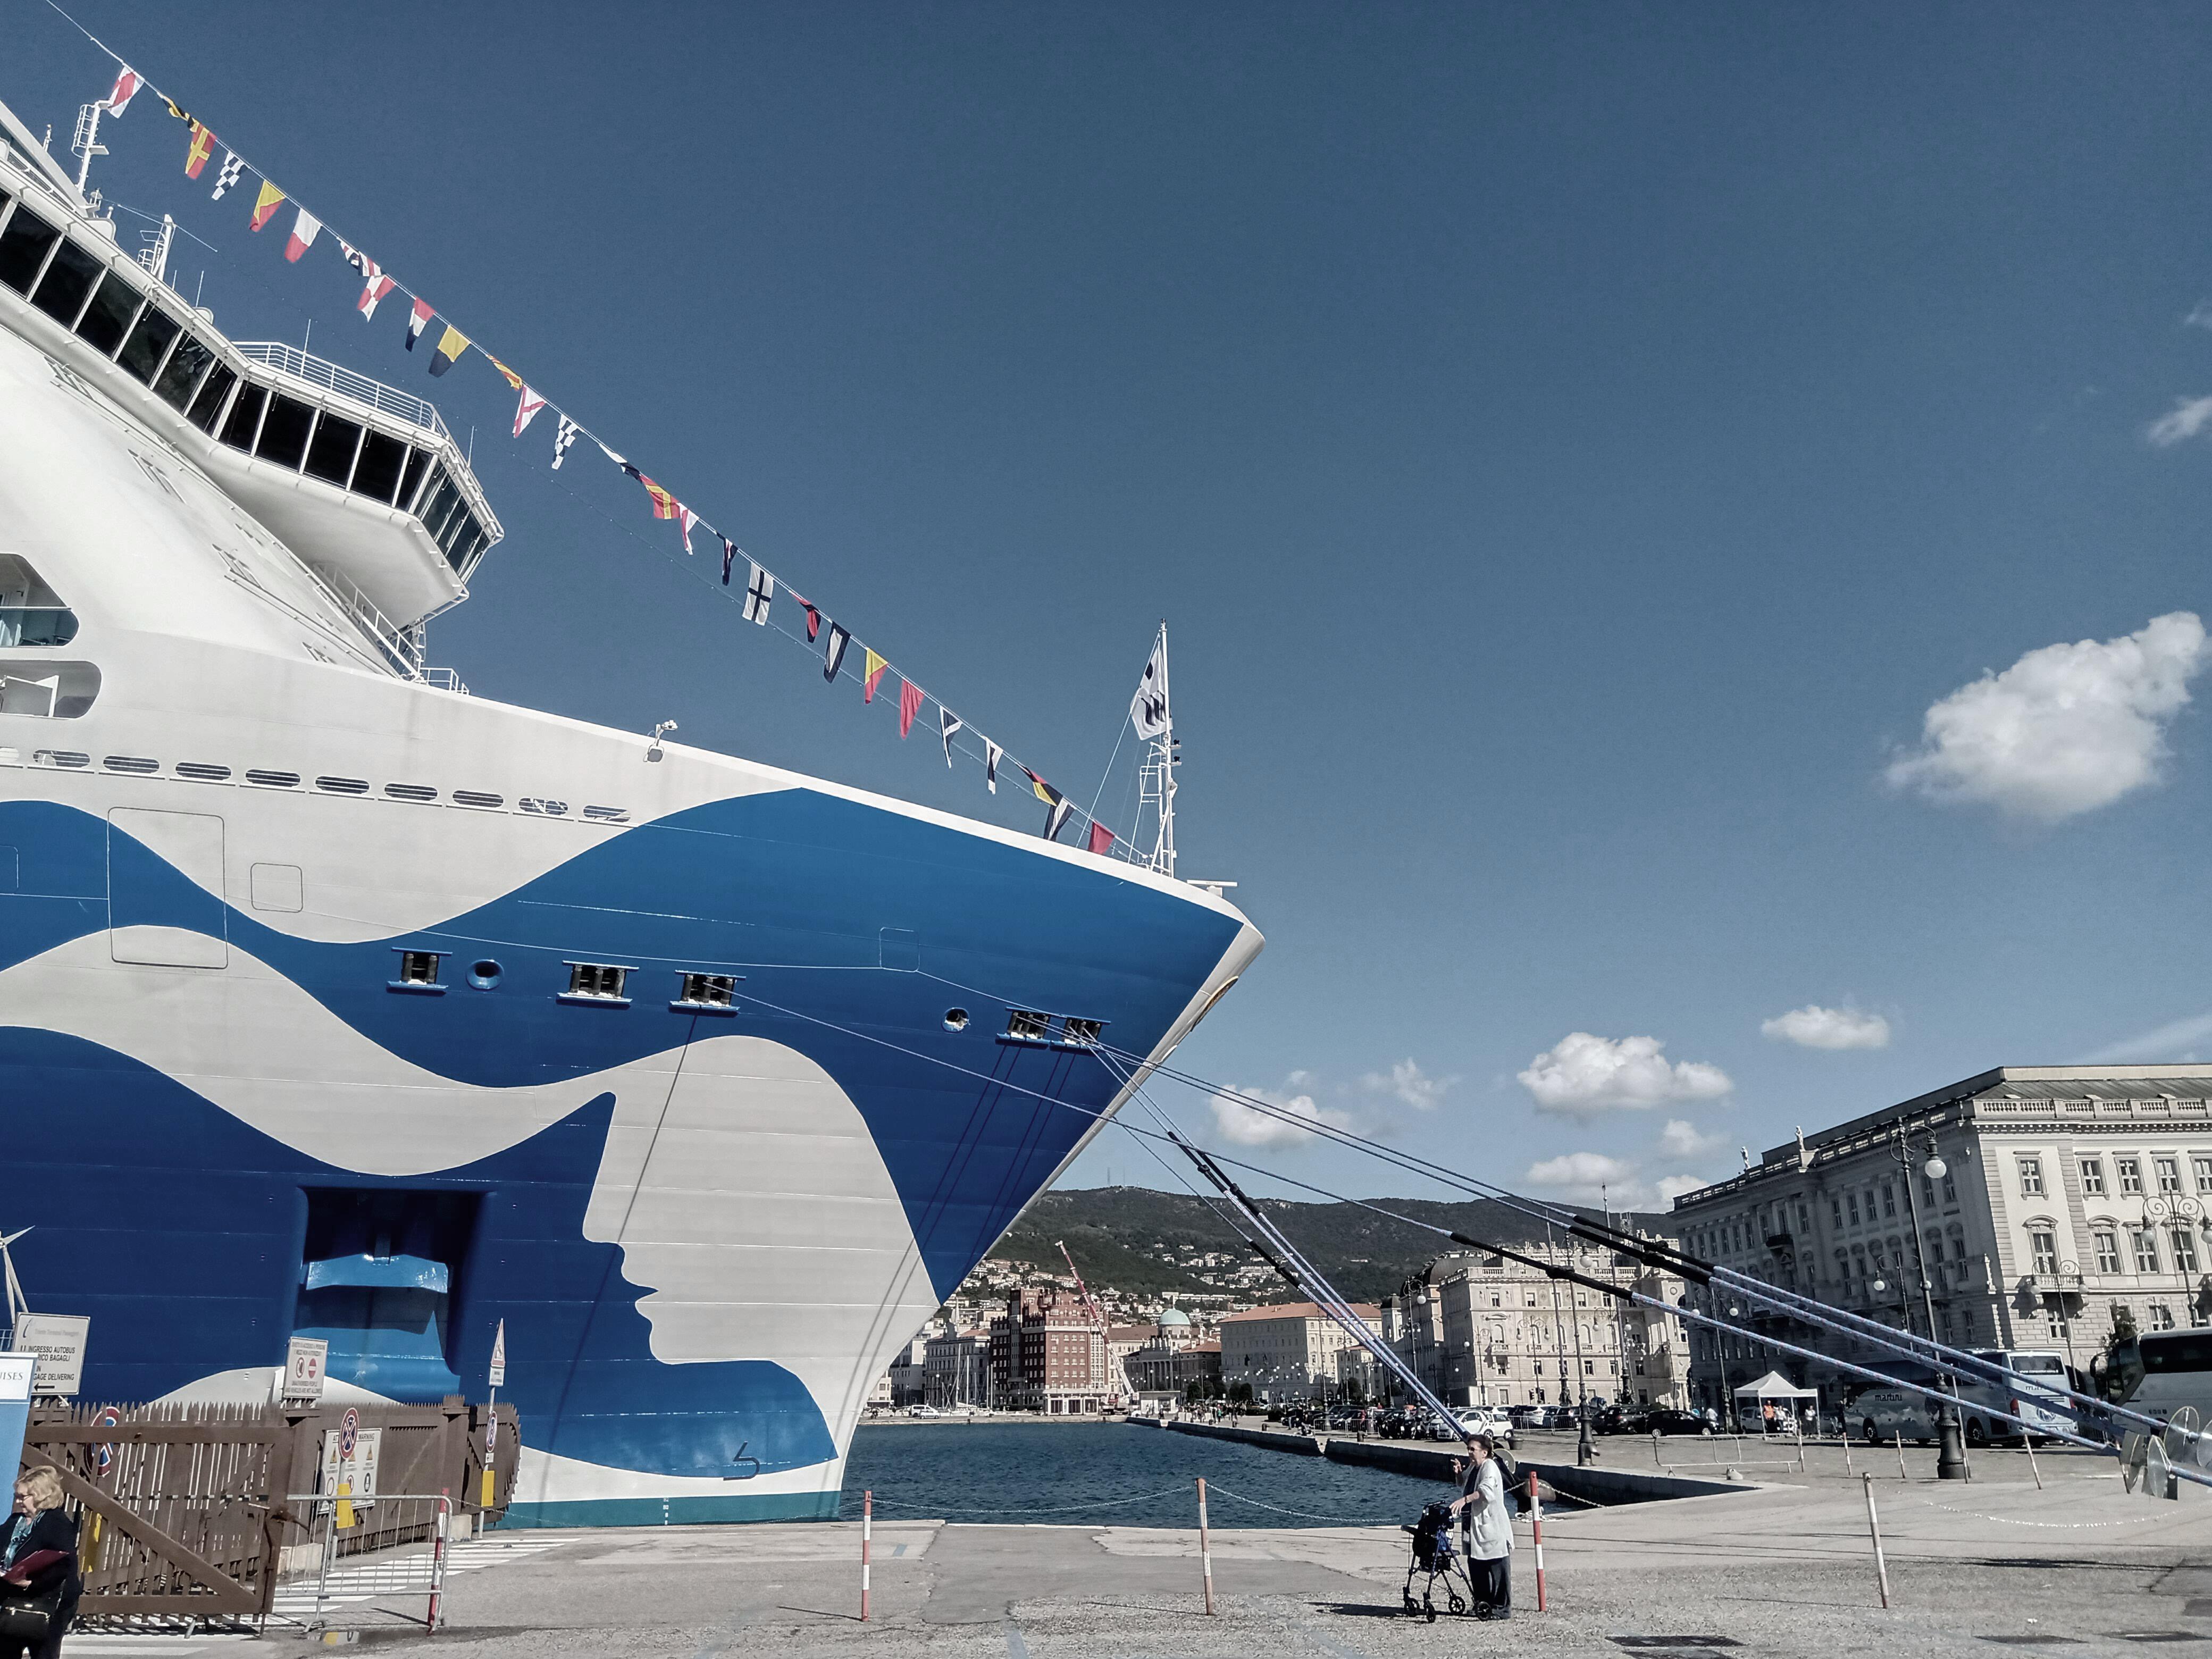 Auf Jungfernfahrt mit der Sky Princess – Testbericht über das neueste Kreuzfahrtschiff von Princess Cruises